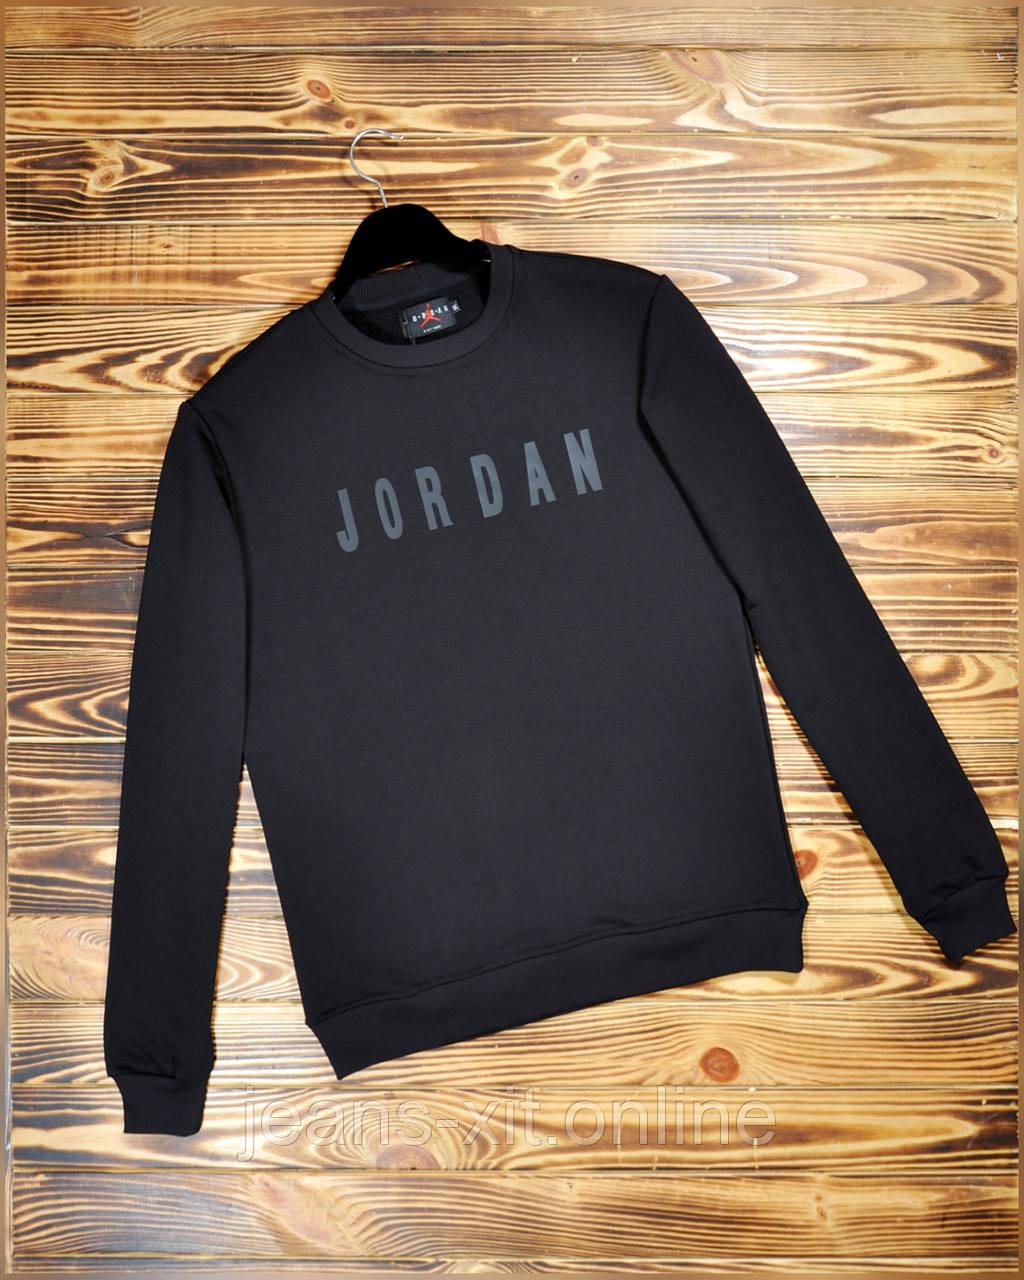 Батник чоловічий 2XL(р) чорний 1840-21 Jordan Туреччина Весна-D